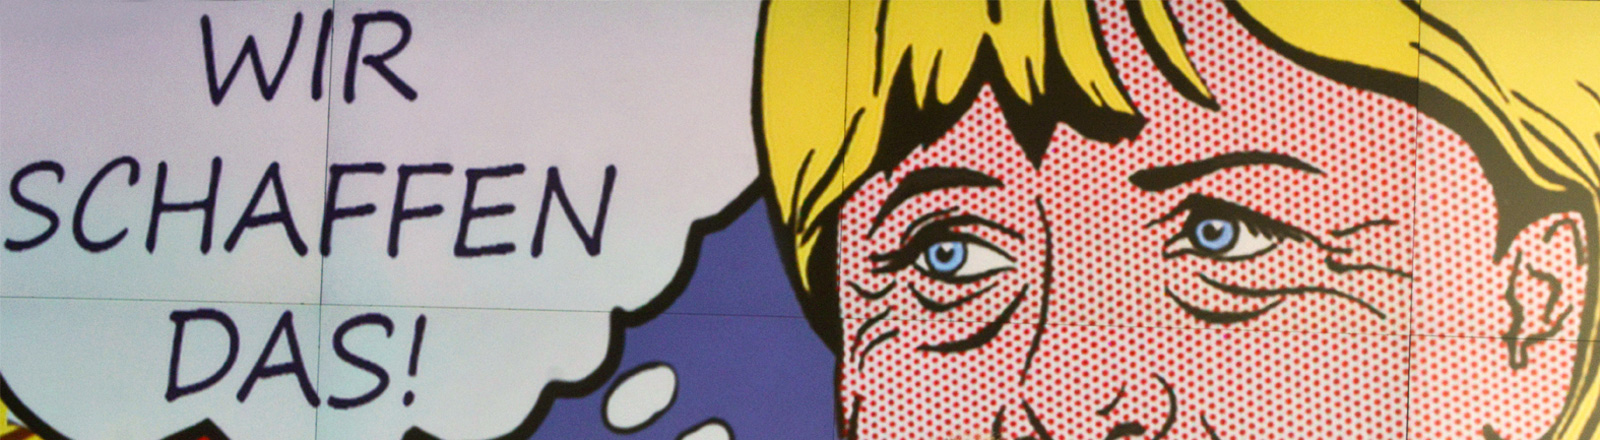 """Ausschnitt eines Bildes von Angela Merkel, gemalt in Roy Lichtenstein-Optik, daneben der Satz """"Wir schaffen das"""""""